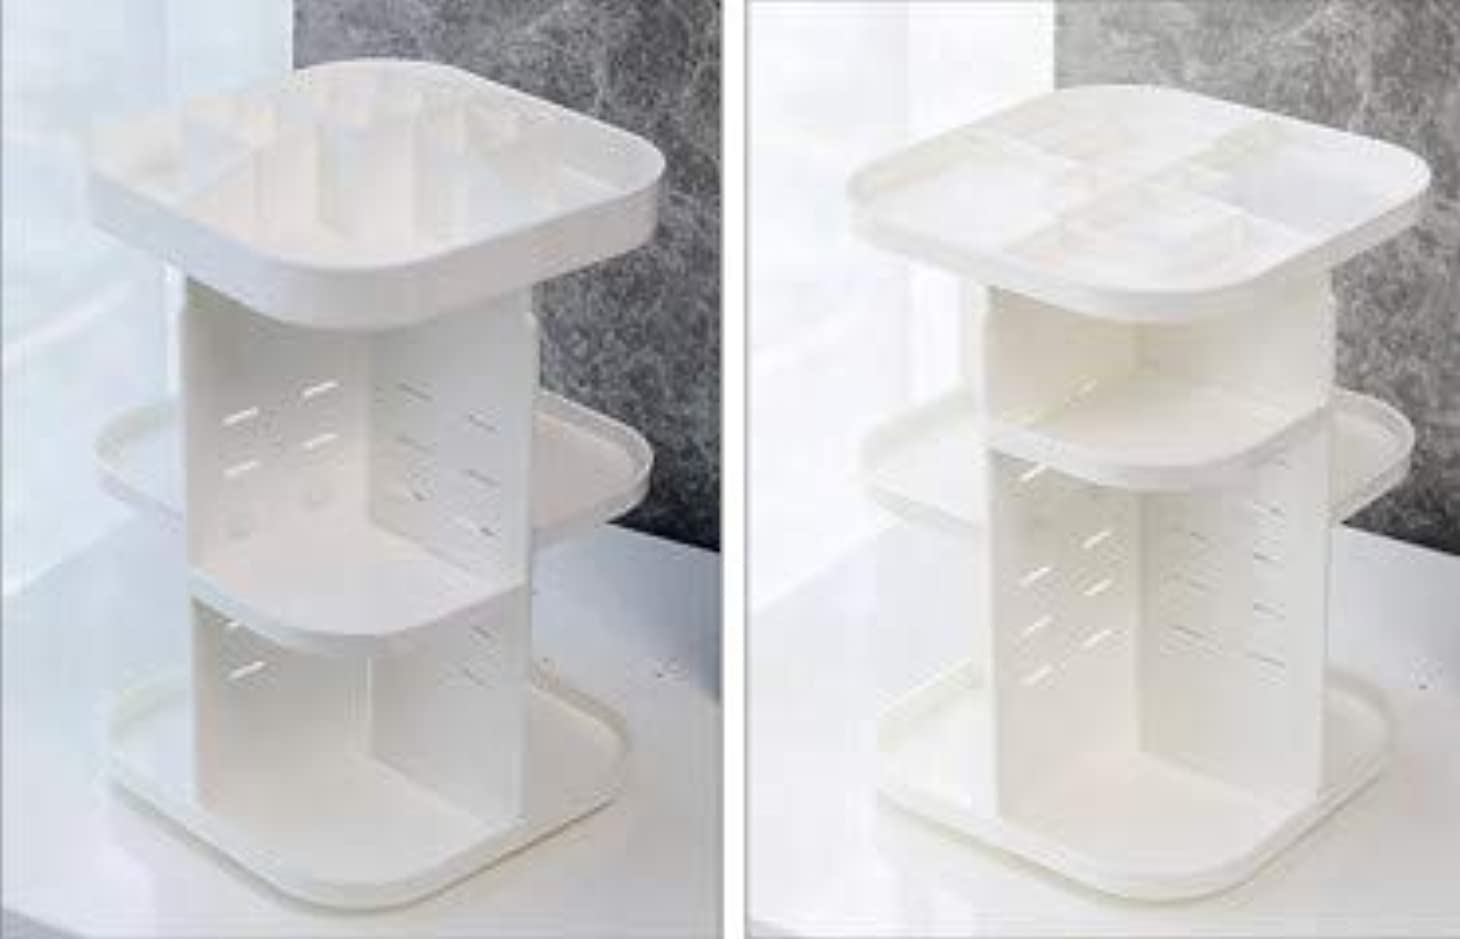 ぼろ色合いムス化粧品収納ボックス透明アクリル回転プラスチックスキンケアラウンドクリエイティブドレッシングテーブルデスクトップ収納 (Size : M)